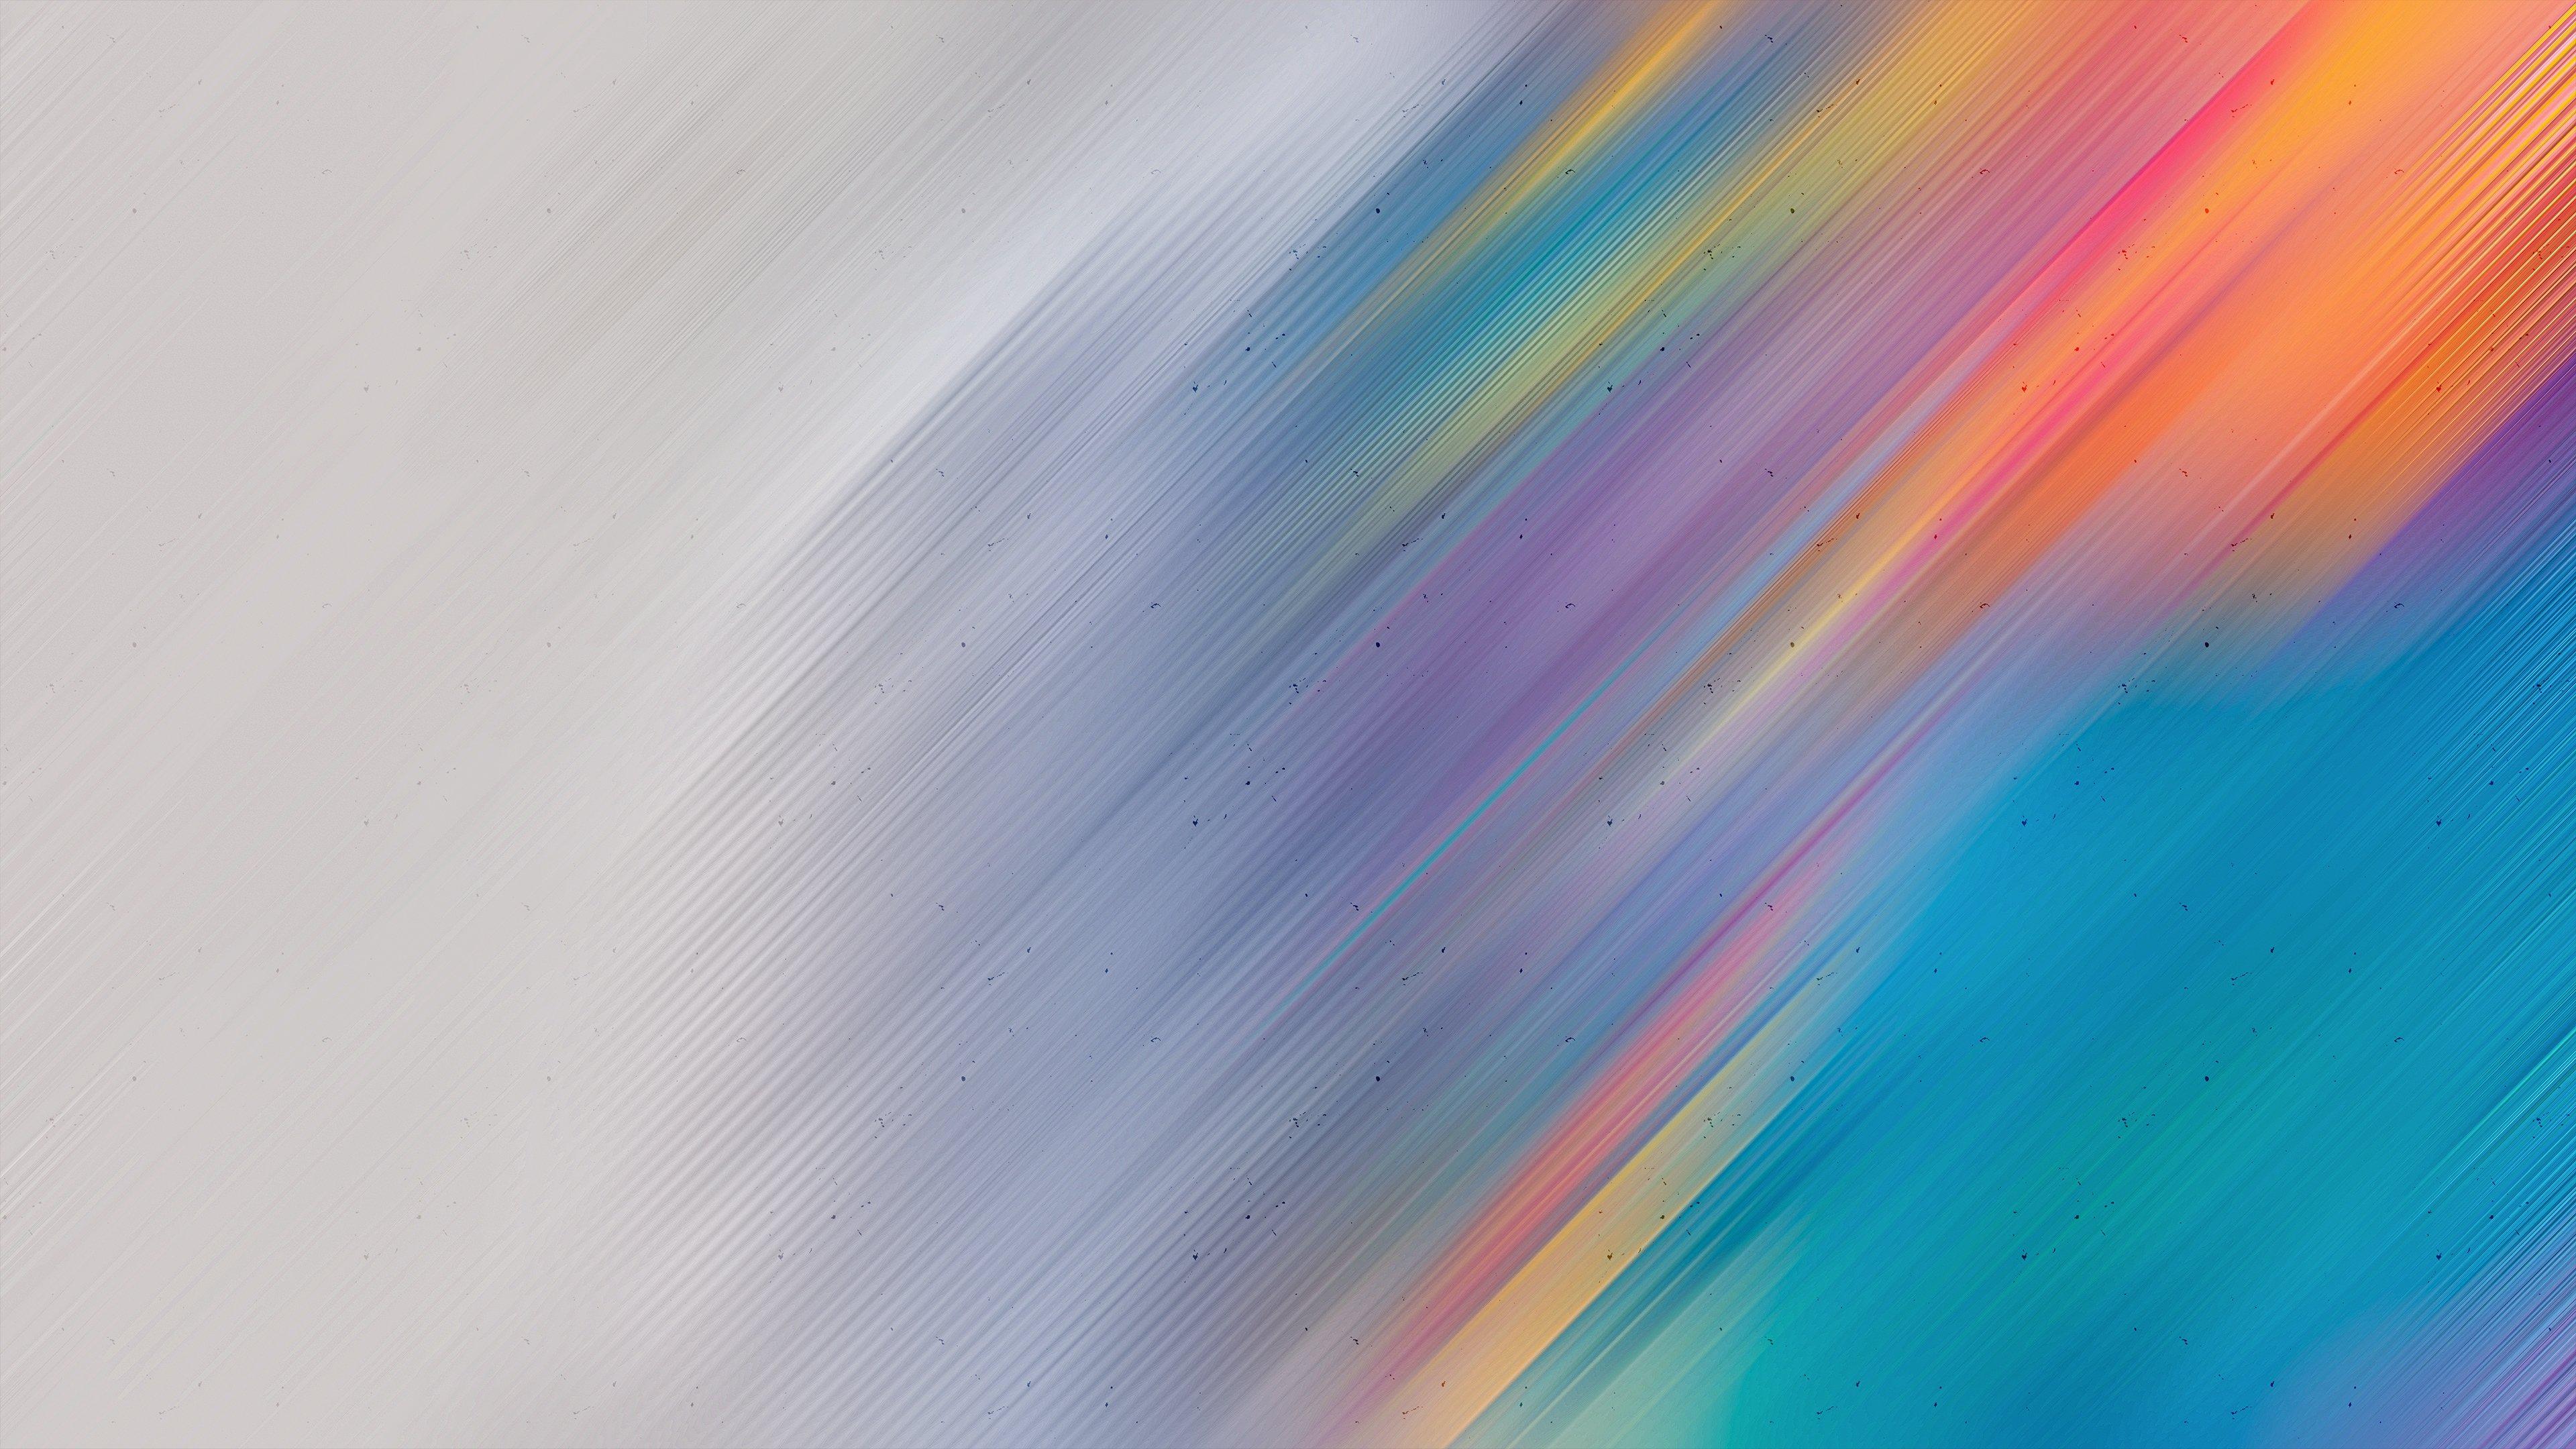 Fondos de pantalla Lineas borrosas coloridas